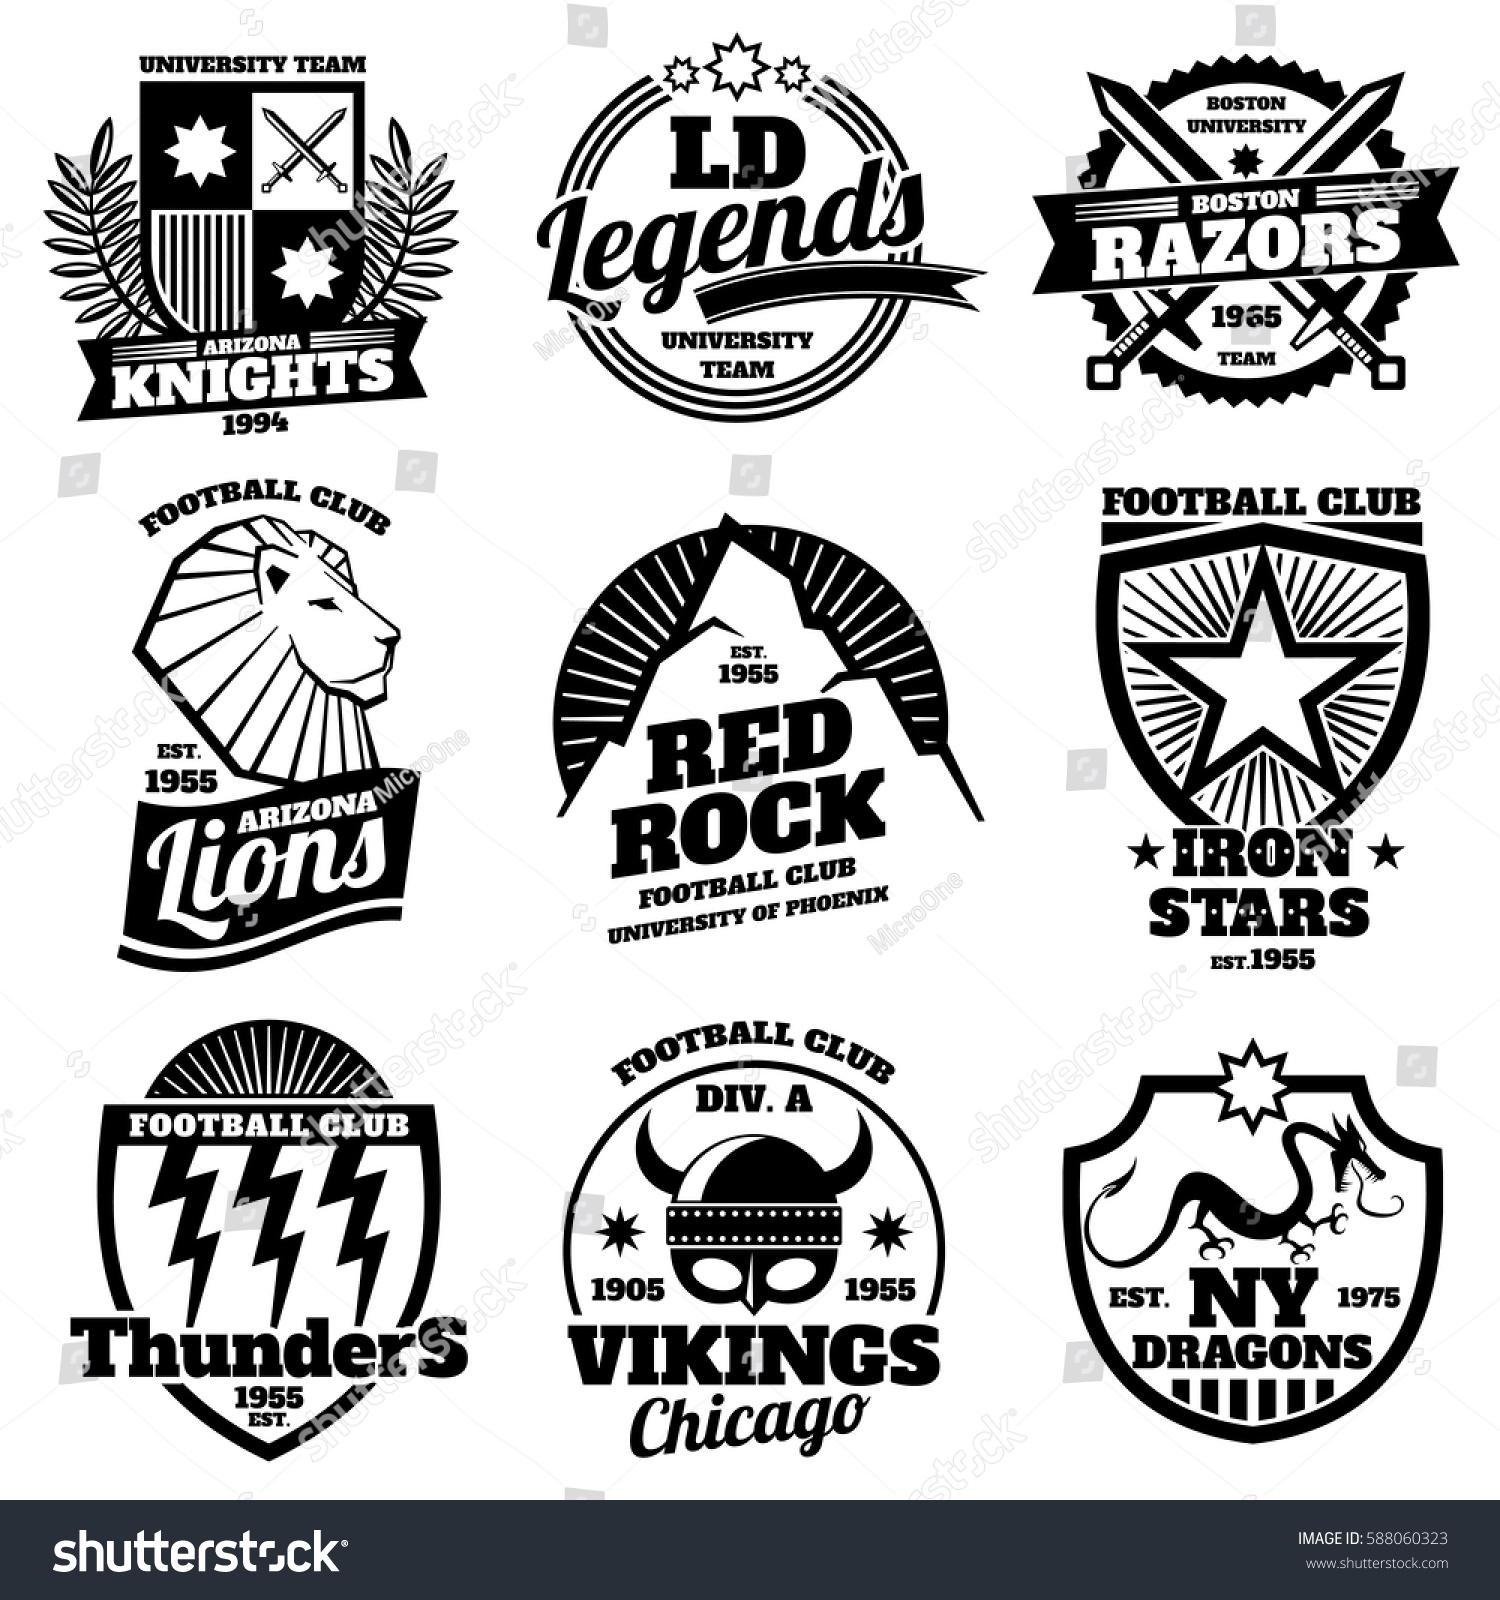 Design t shirt university - College Athletic Labels Varsity Emblems Vintage Sports Teams Badges University T Shirt Design